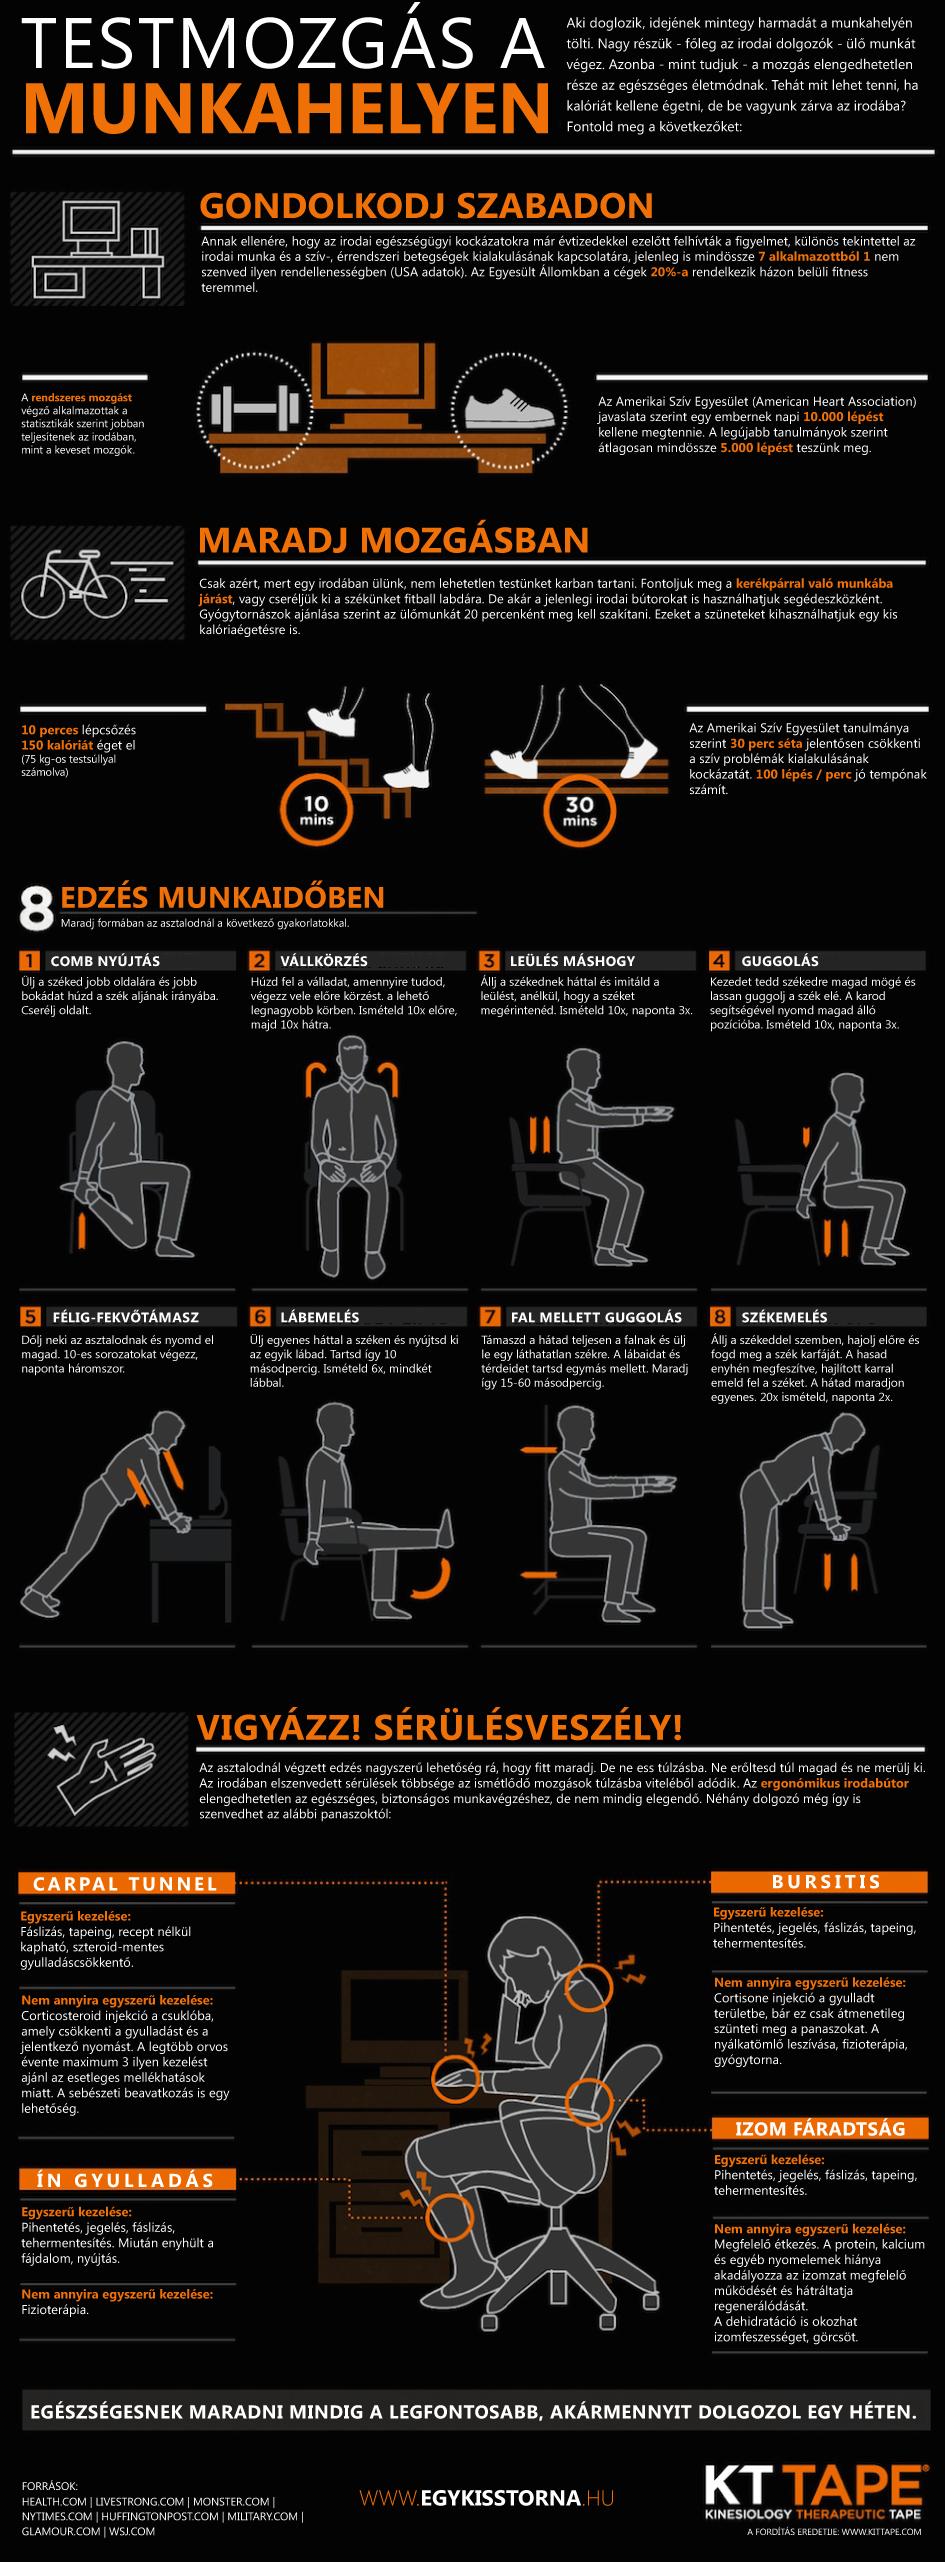 testmozgás_a_munkahelyen_infografika